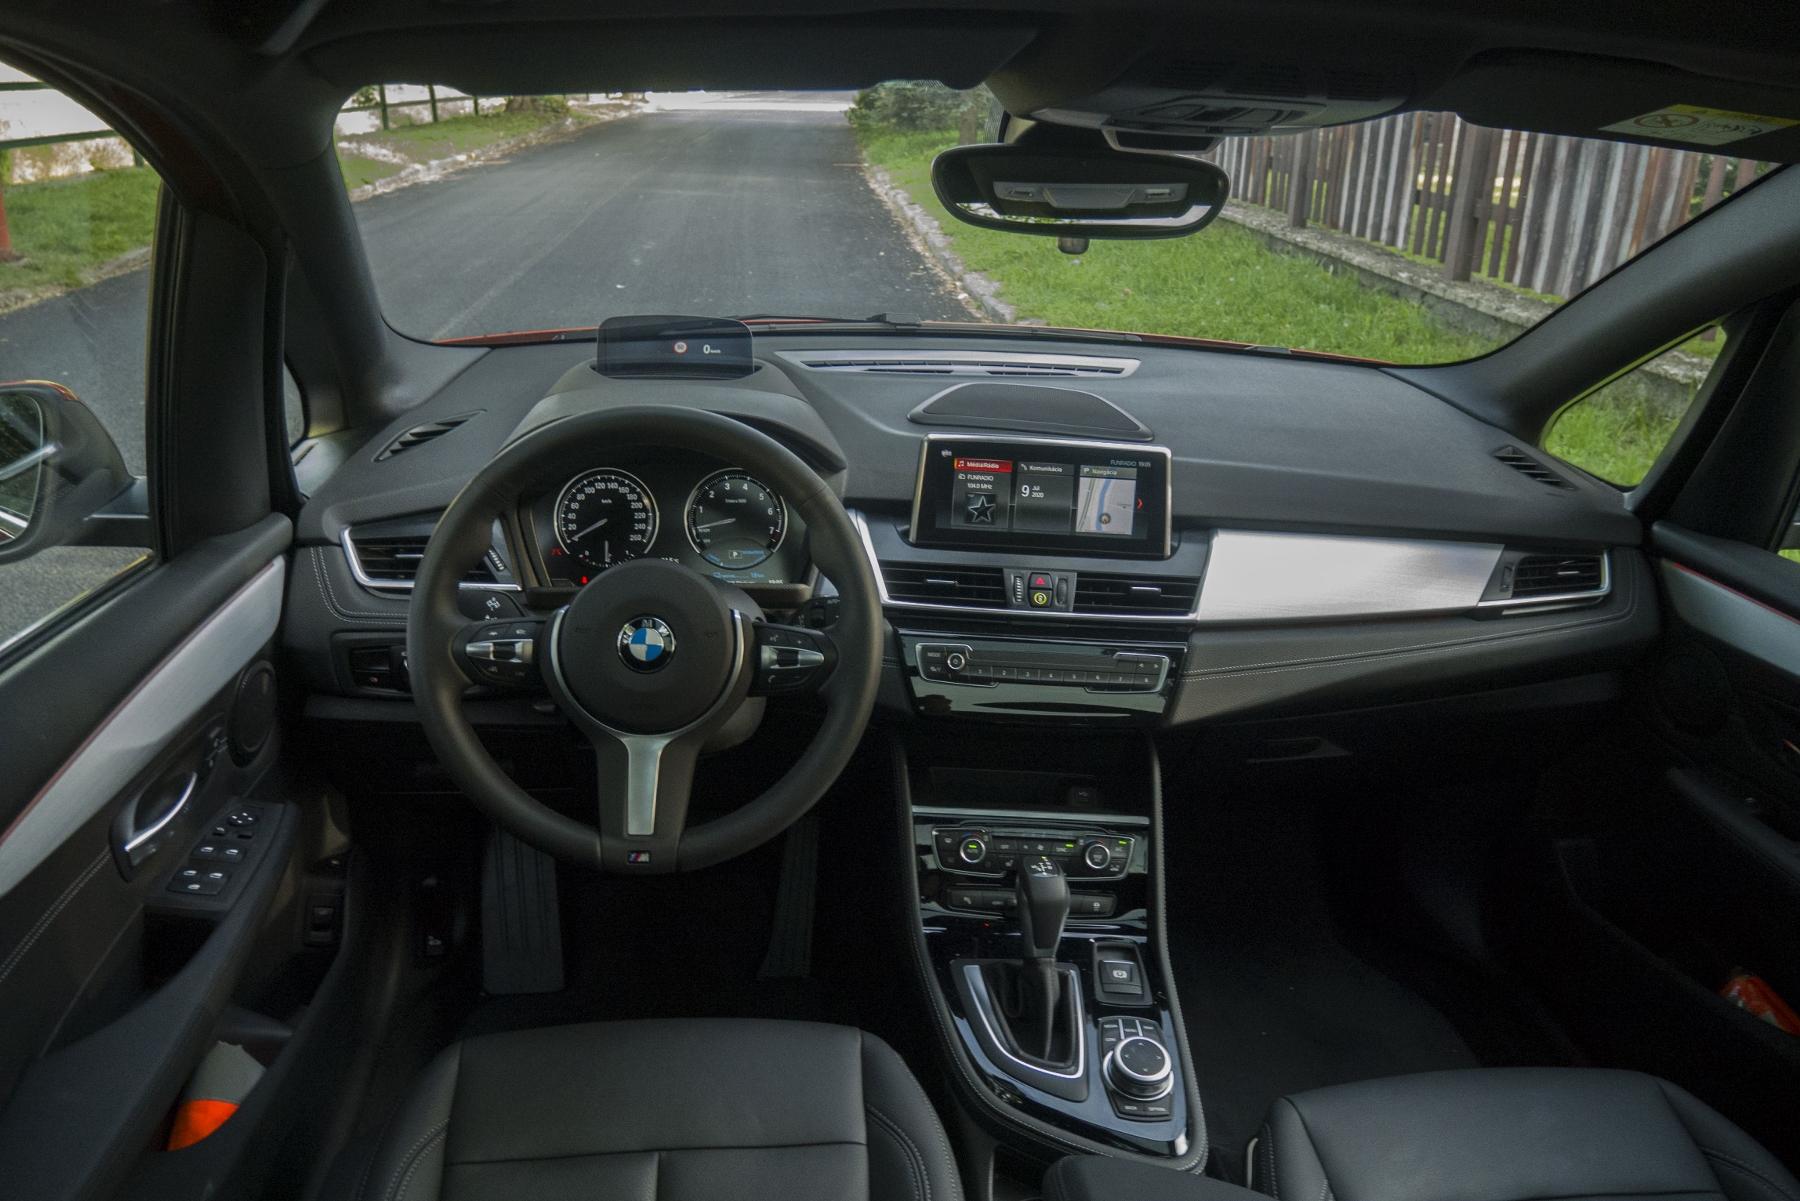 BMW 225 xe (21)